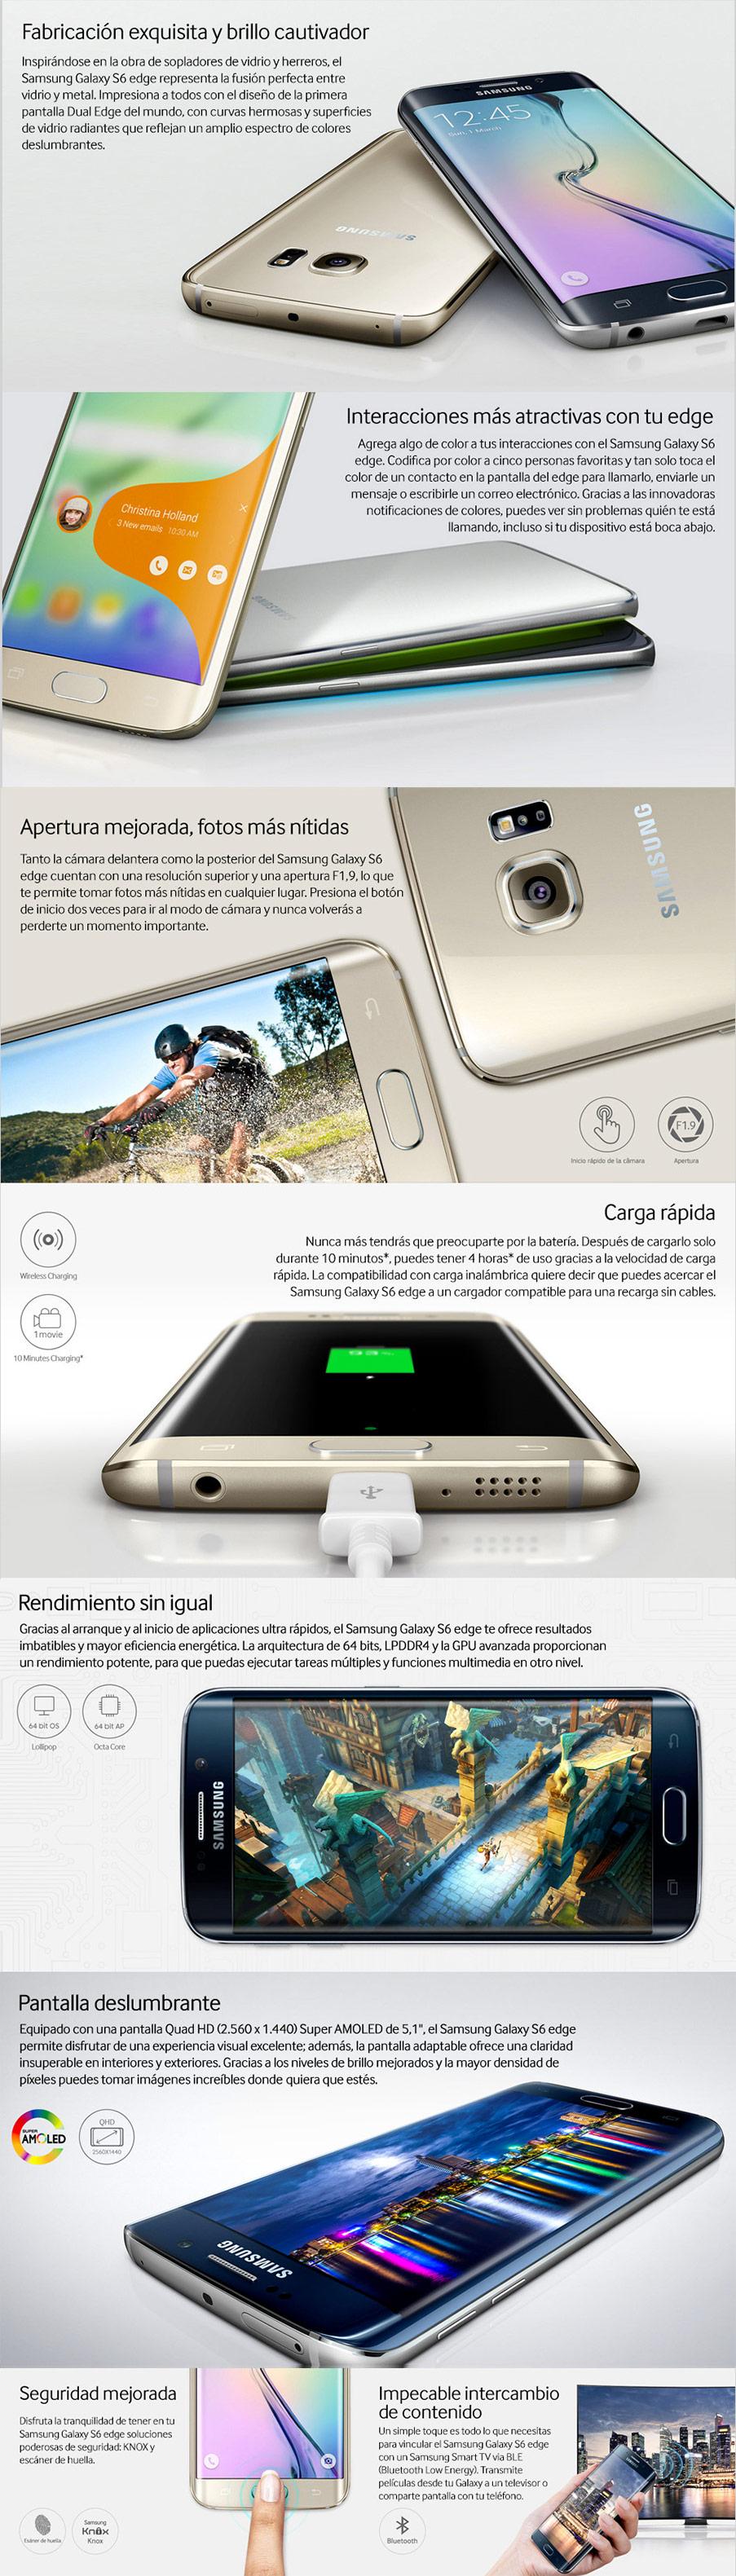 Características Samsung Galaxy S6 Edge